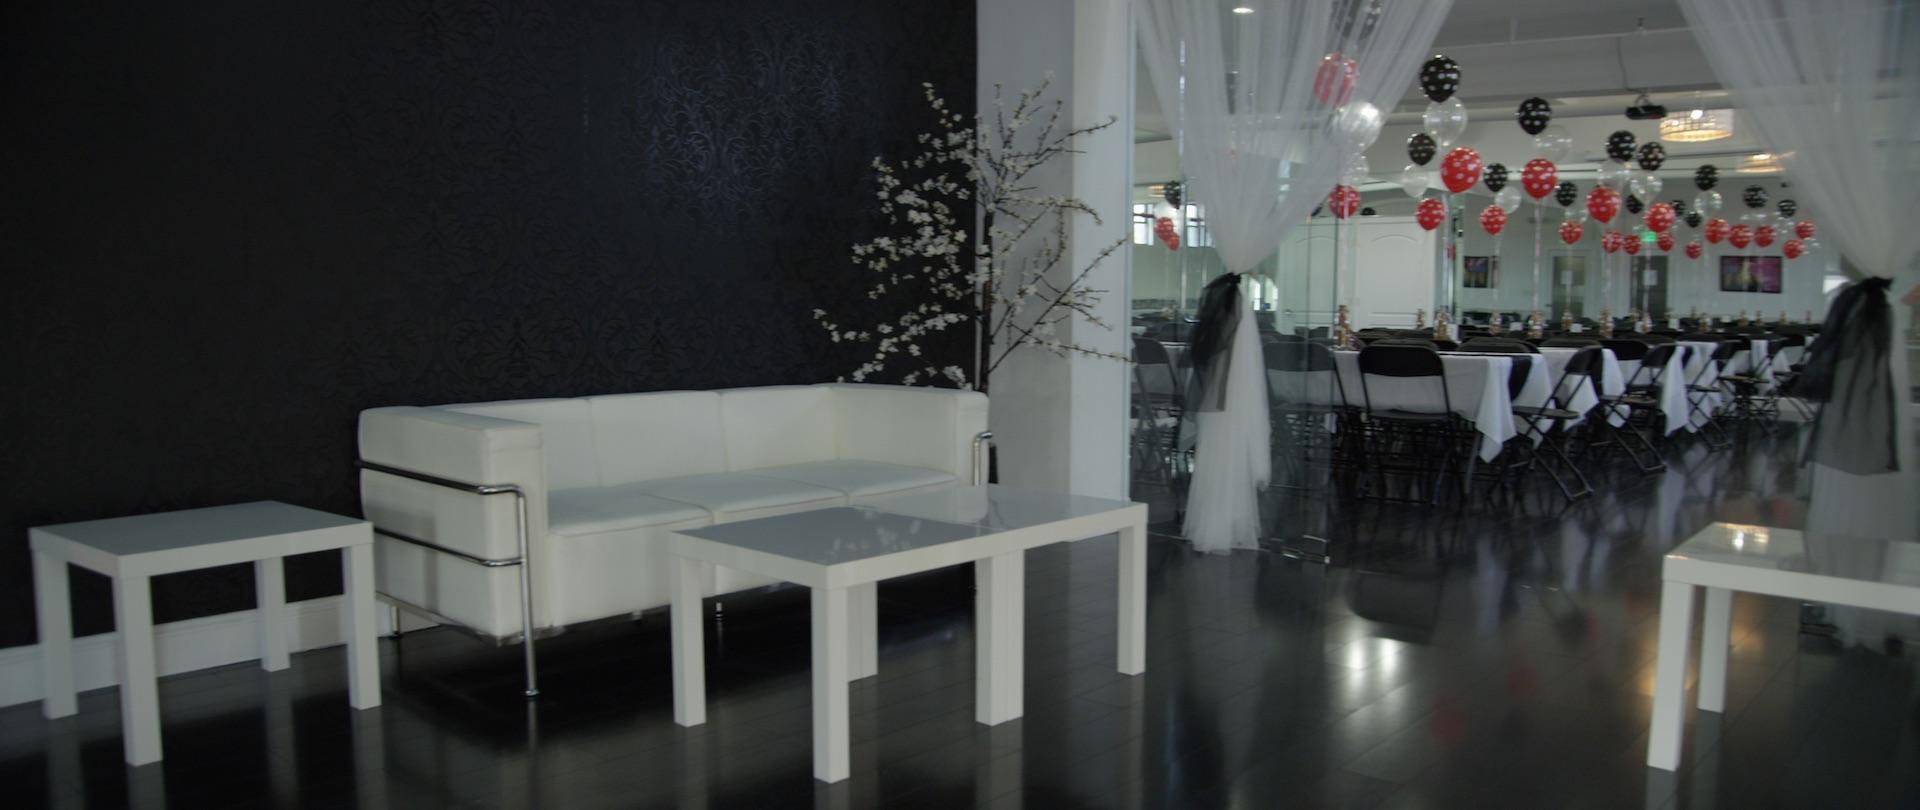 BMJ_studios_stage_rental_space_nyc.jpg